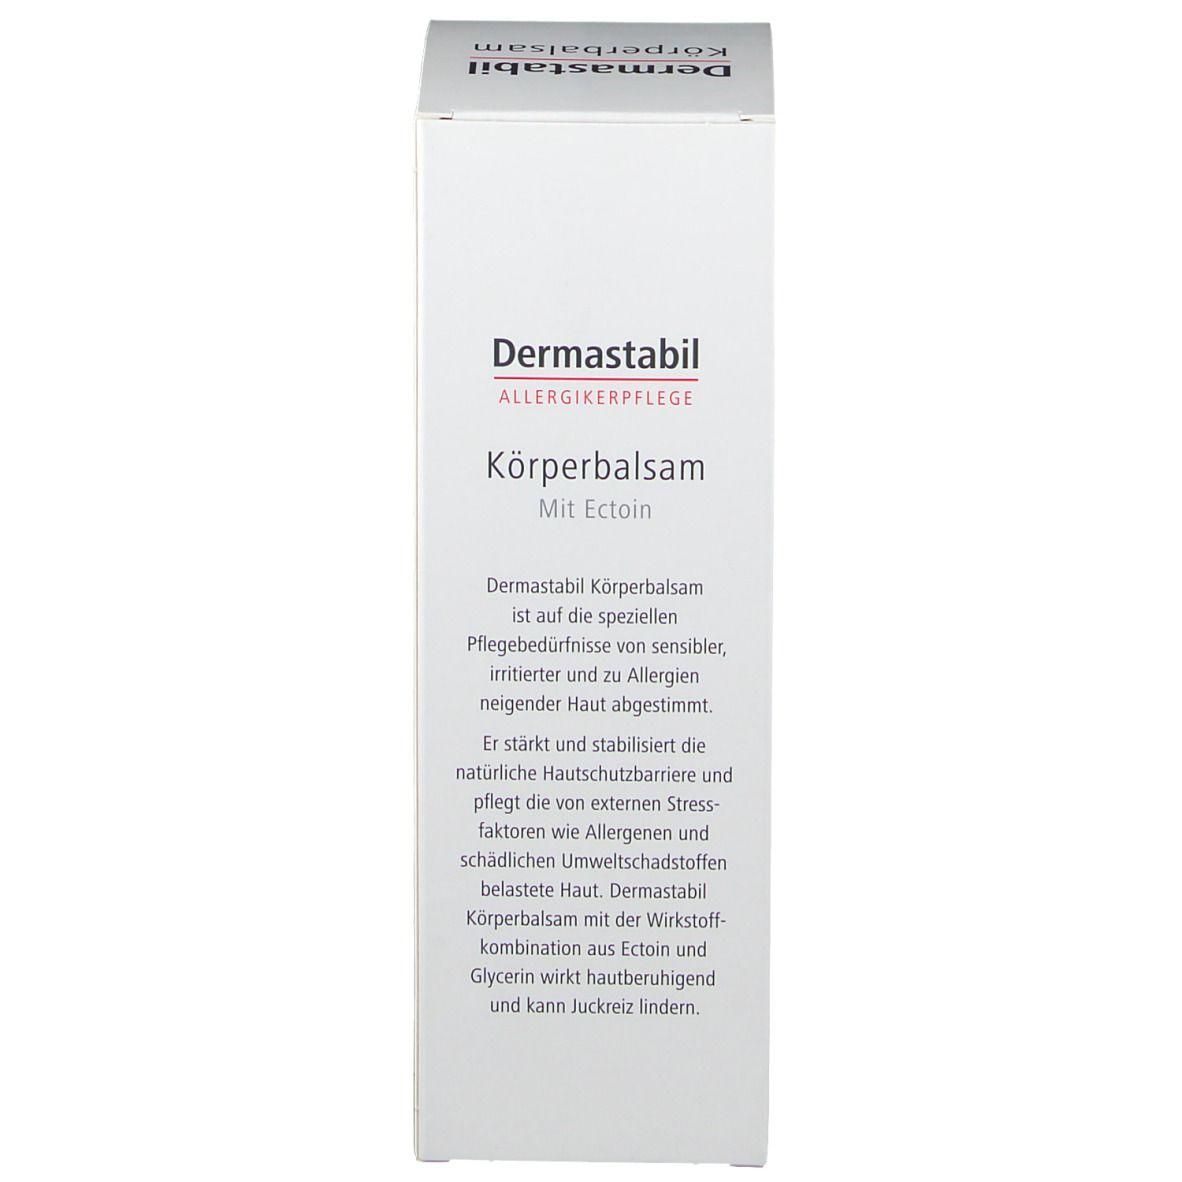 medipharma cosmetics Dermastabil Körperbalsam